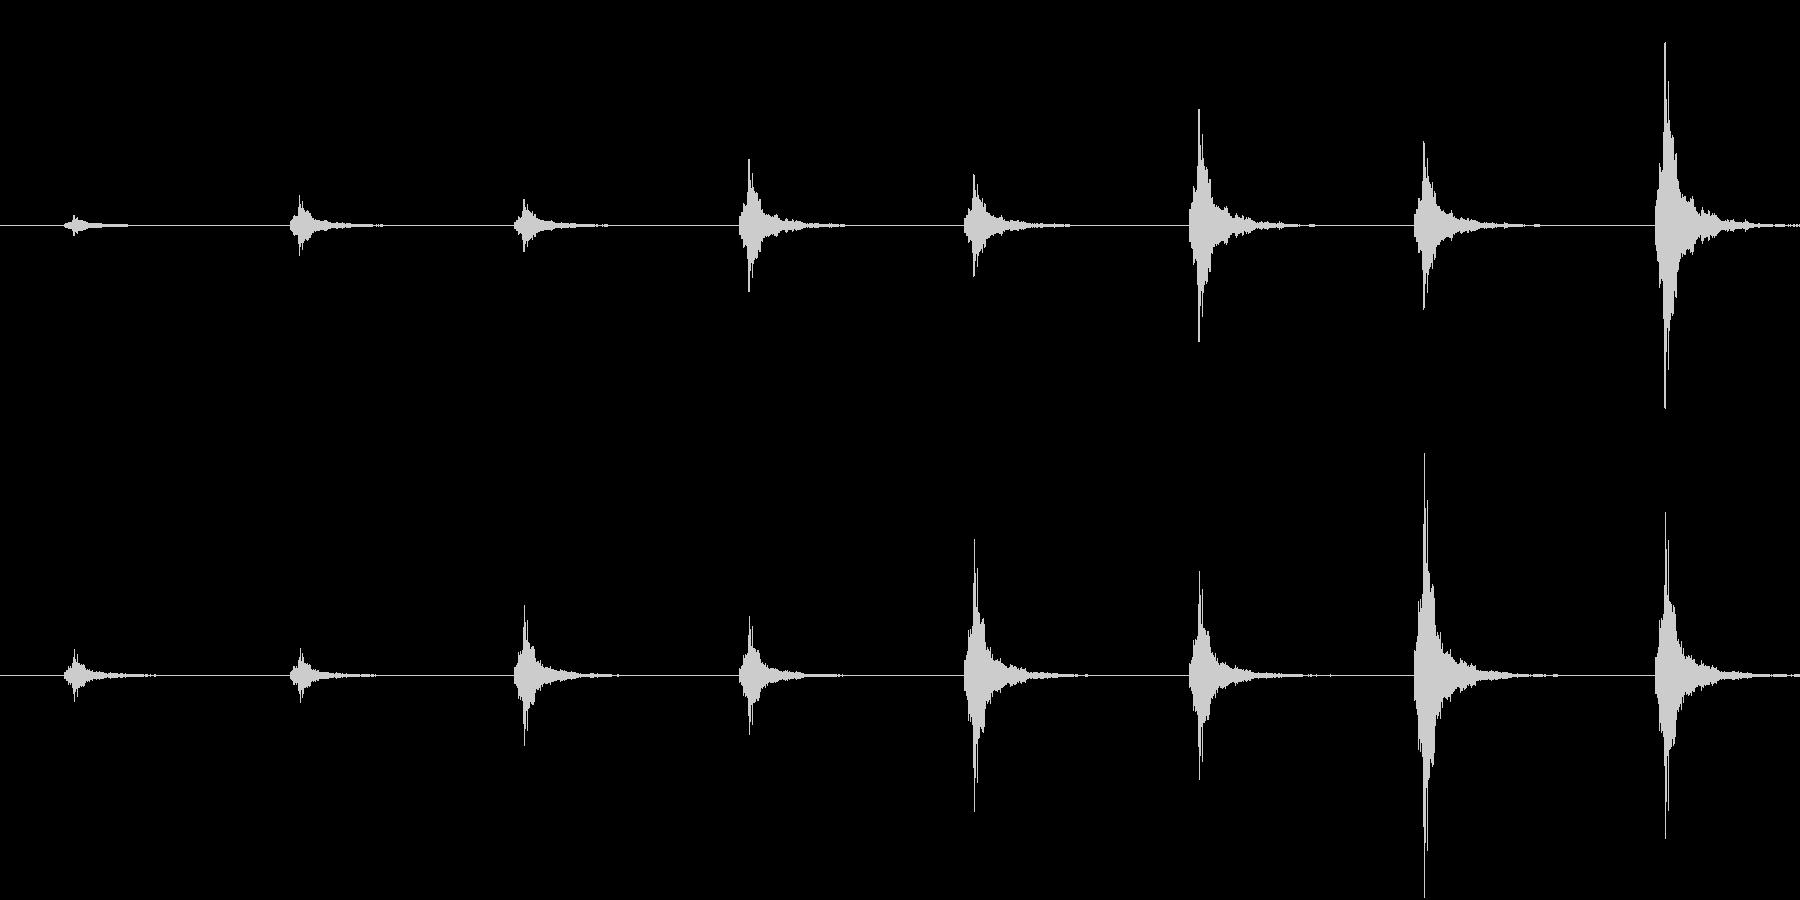 鈴の音が近づいてくる音(和風ホラー向け)の未再生の波形